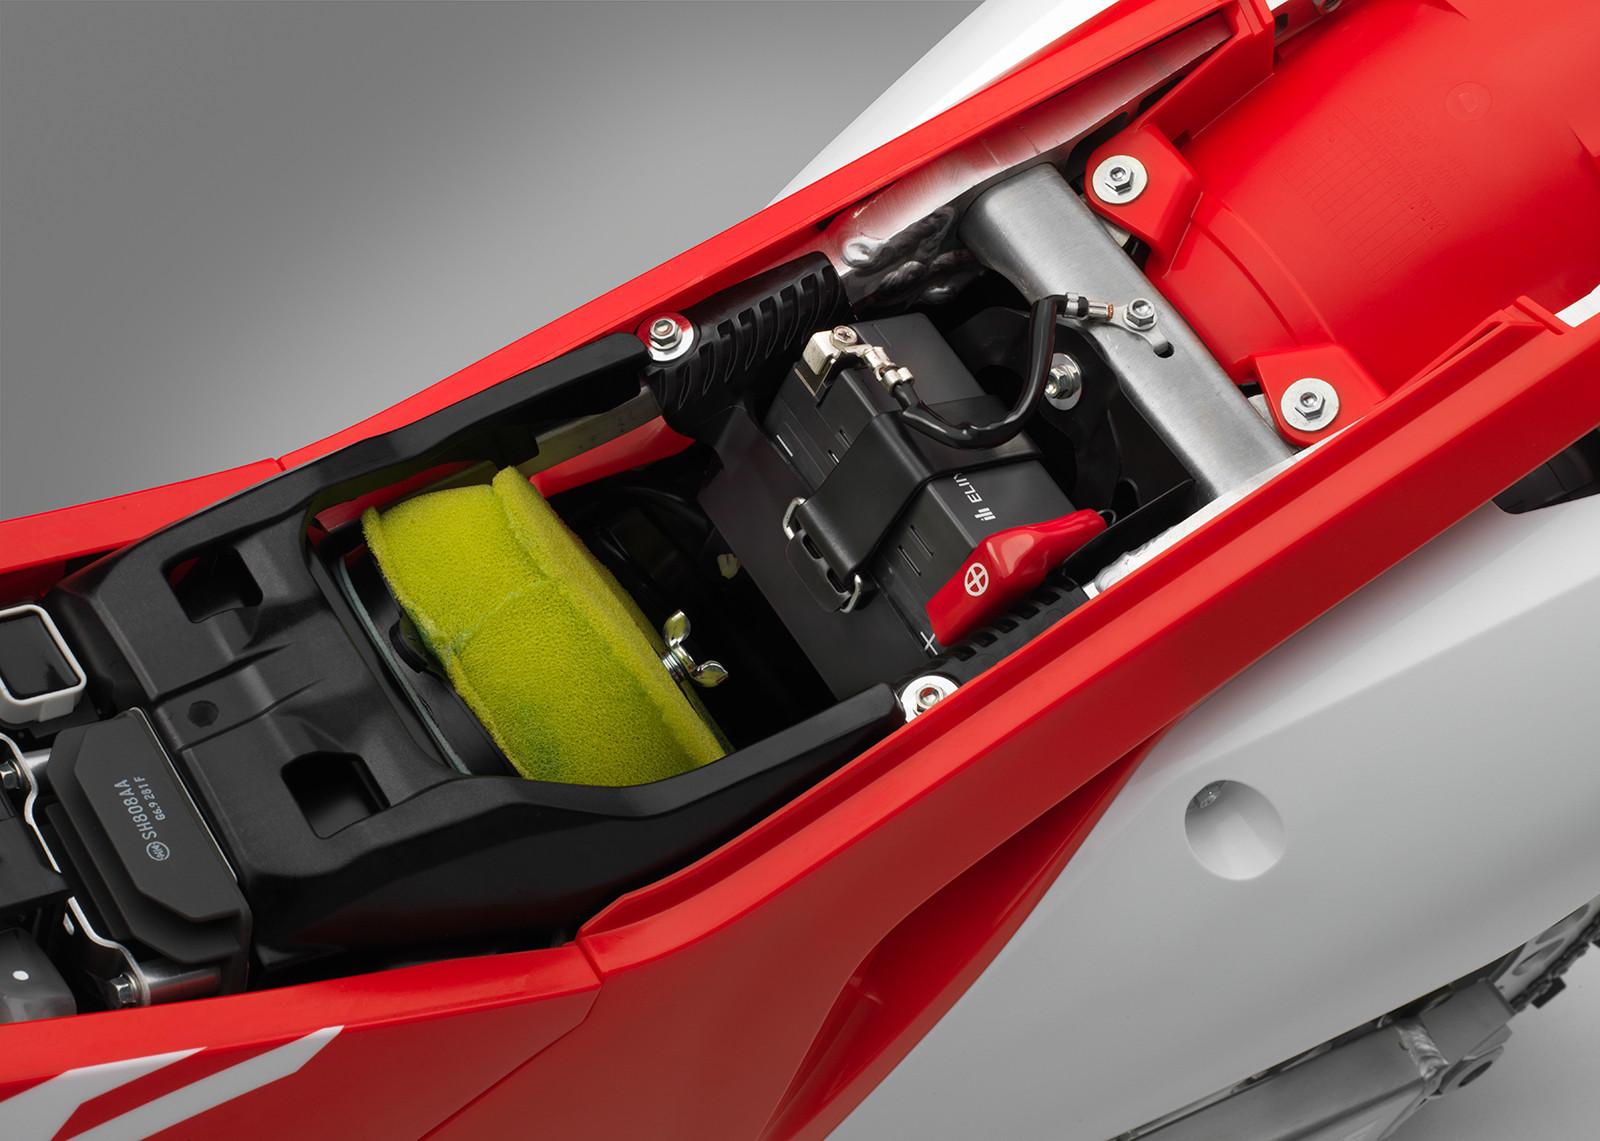 max_18_Honda_CRF450R_battery_airbox_691869